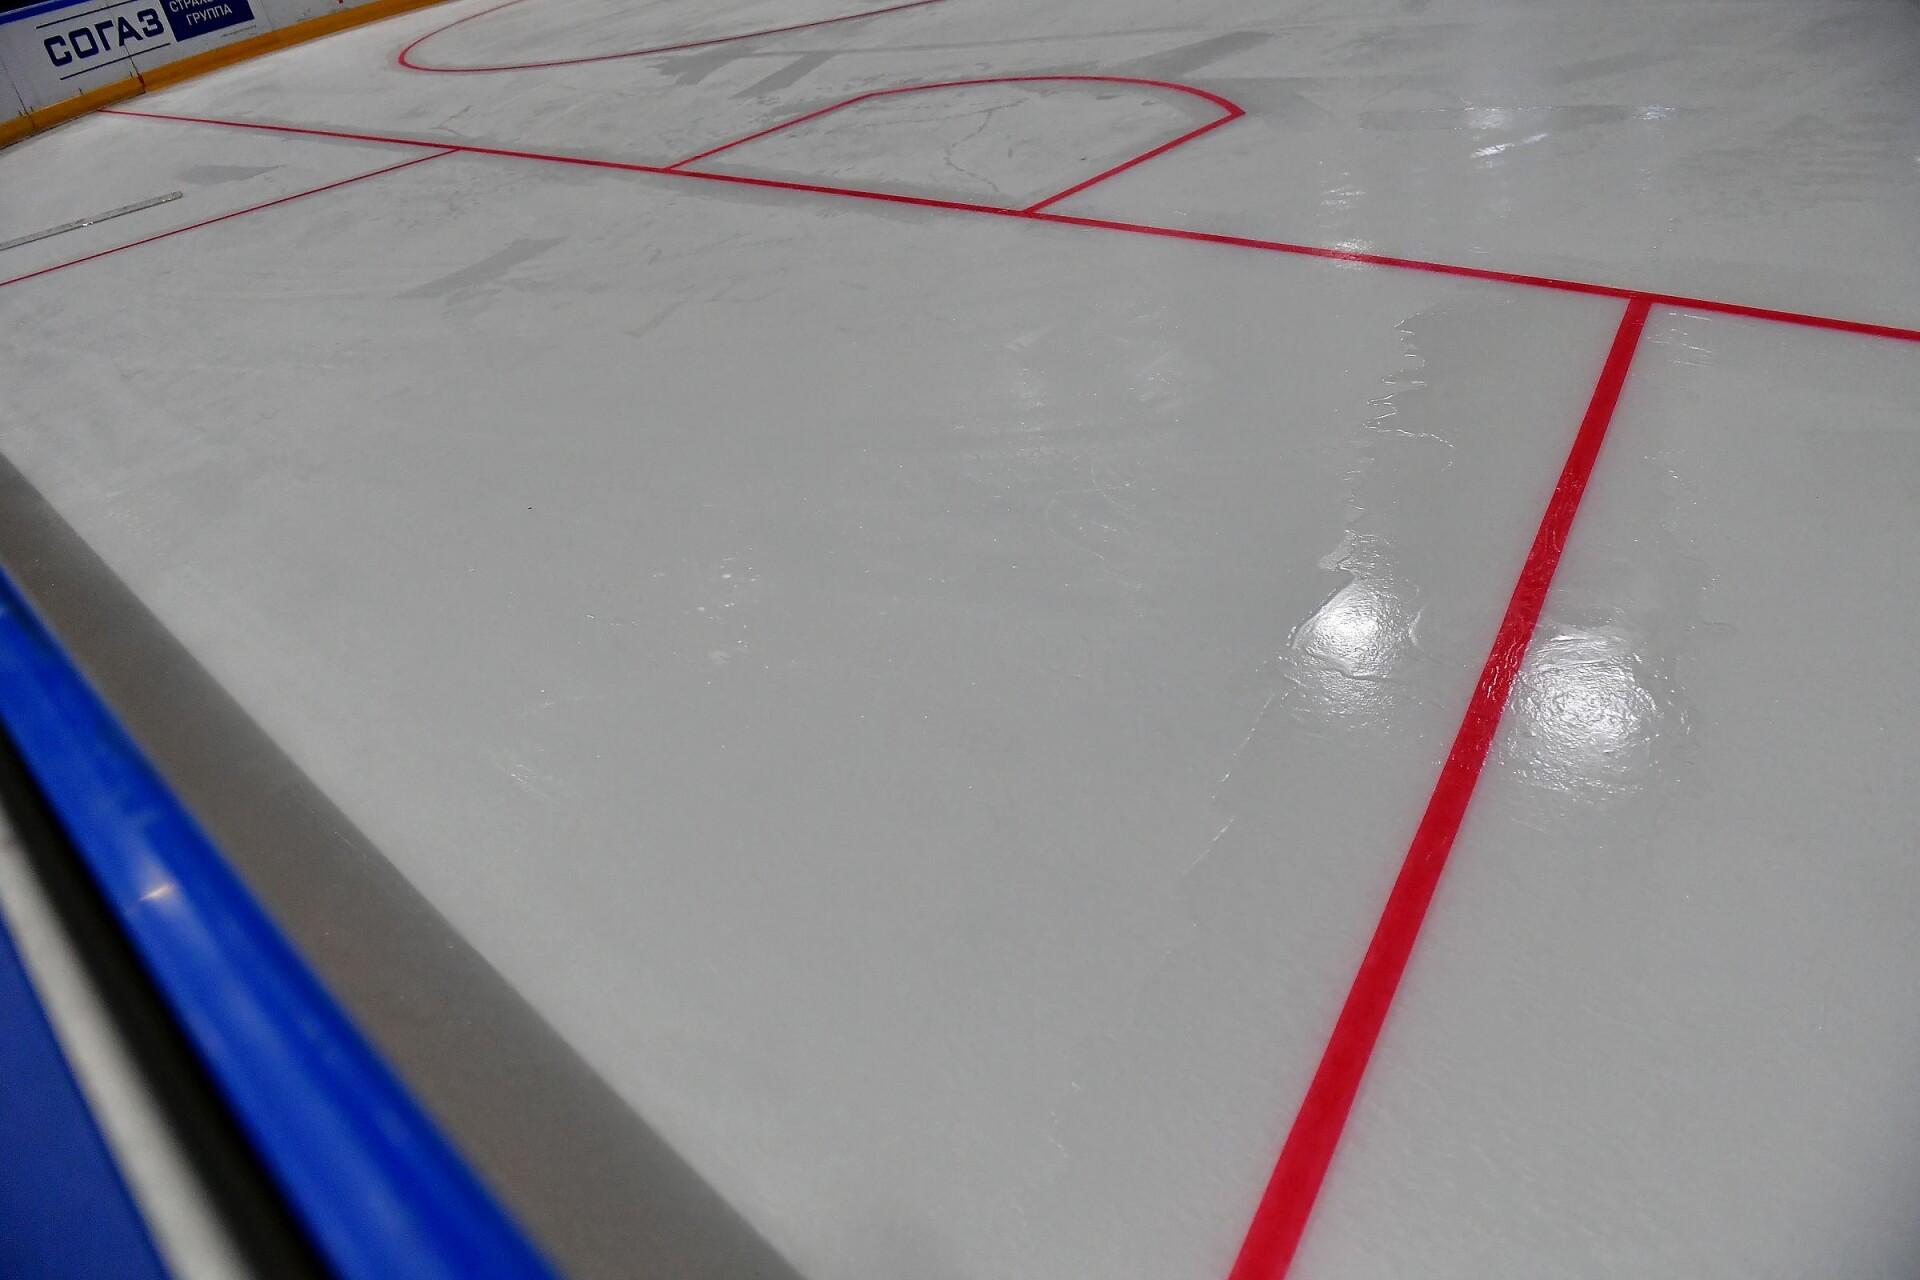 На лёд «Татнефть Арены» нанесли новую разметку. 01.08.2019